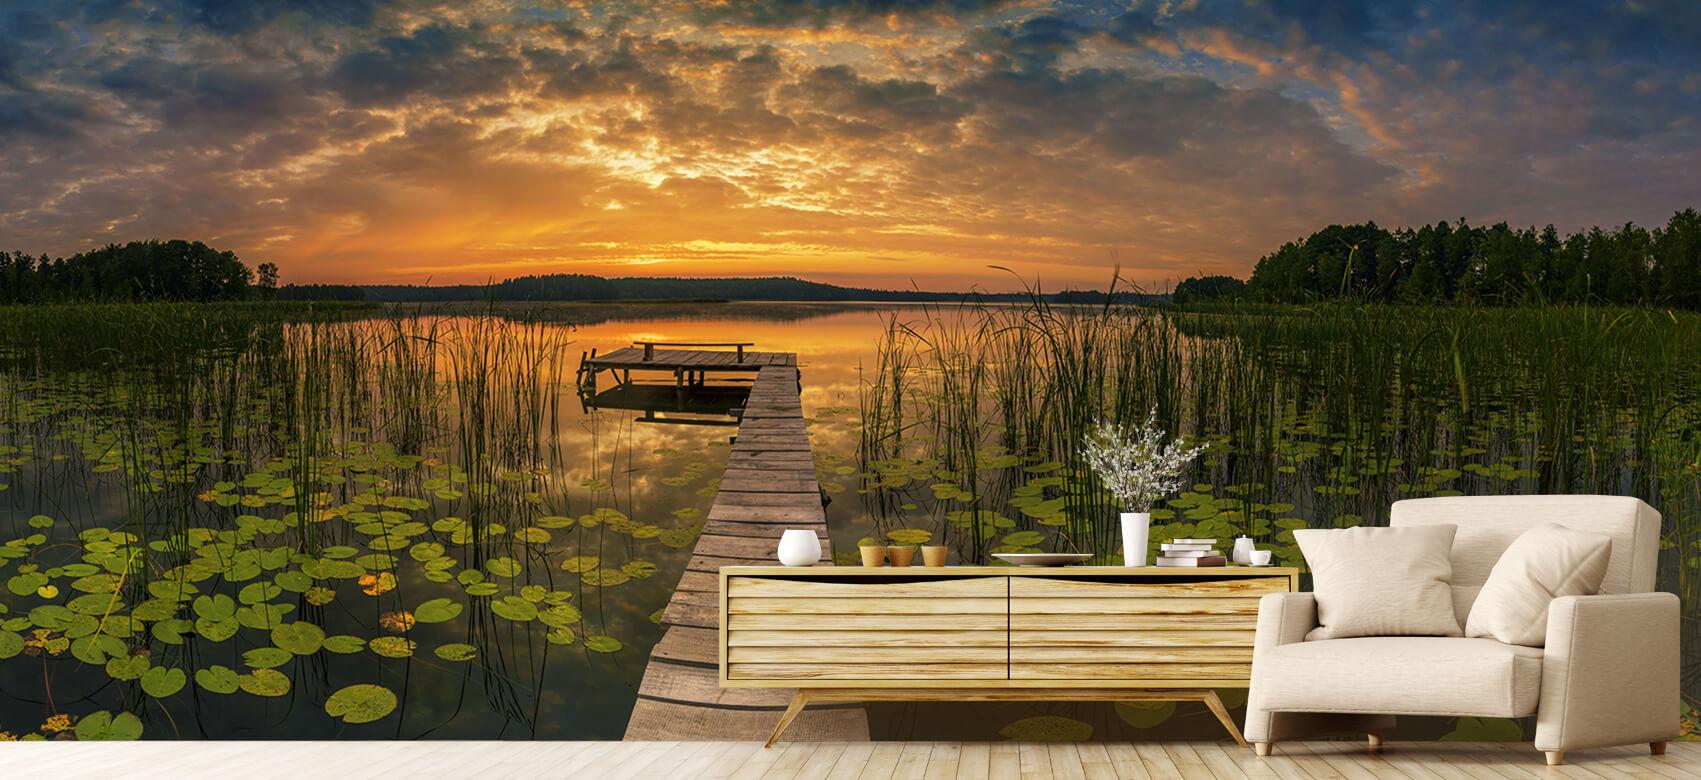 Houten Steigers - Zonsopgang aan het meer - Woonkamer 7